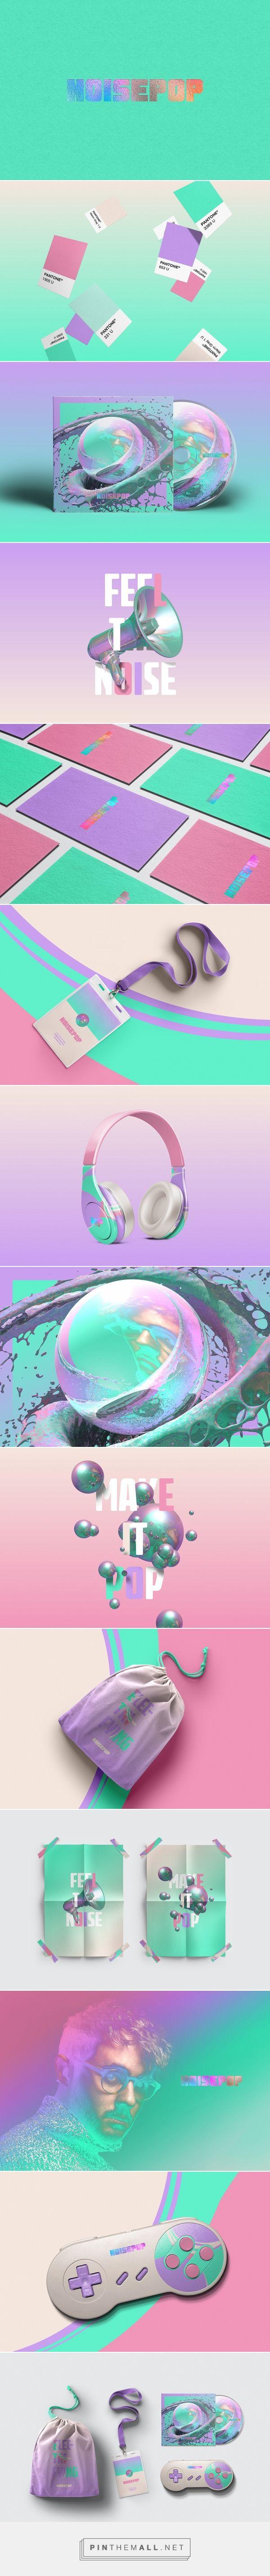 Noisepop on Behance | Fivestar Branding – Design and Branding Agency & Inspiration Gallery